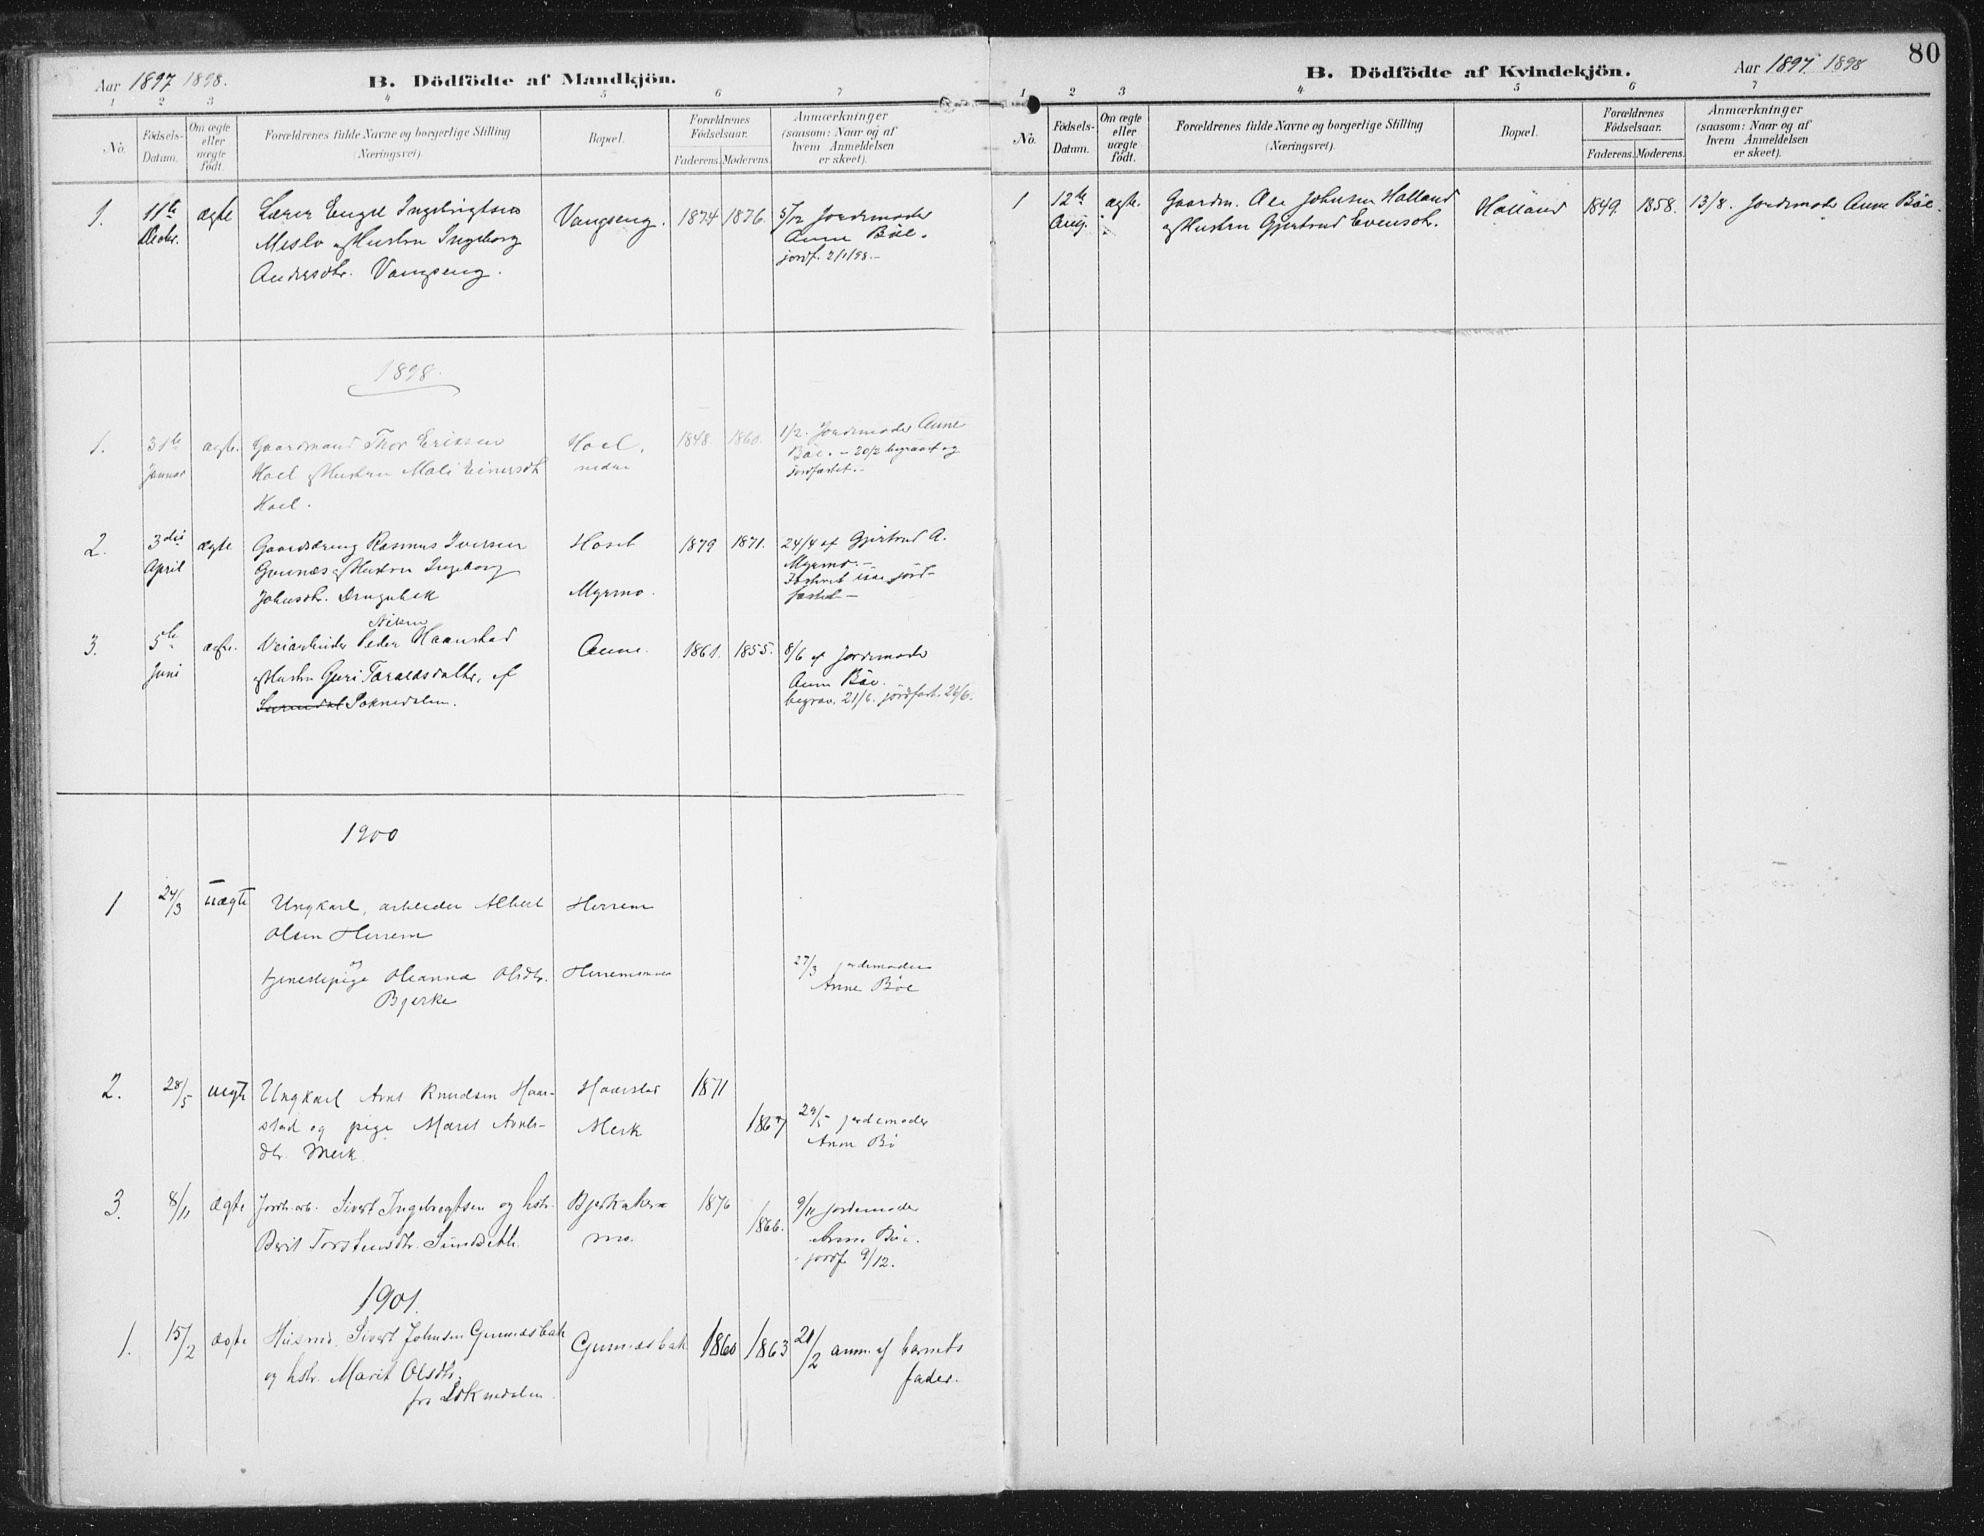 SAT, Ministerialprotokoller, klokkerbøker og fødselsregistre - Sør-Trøndelag, 674/L0872: Ministerialbok nr. 674A04, 1897-1907, s. 80